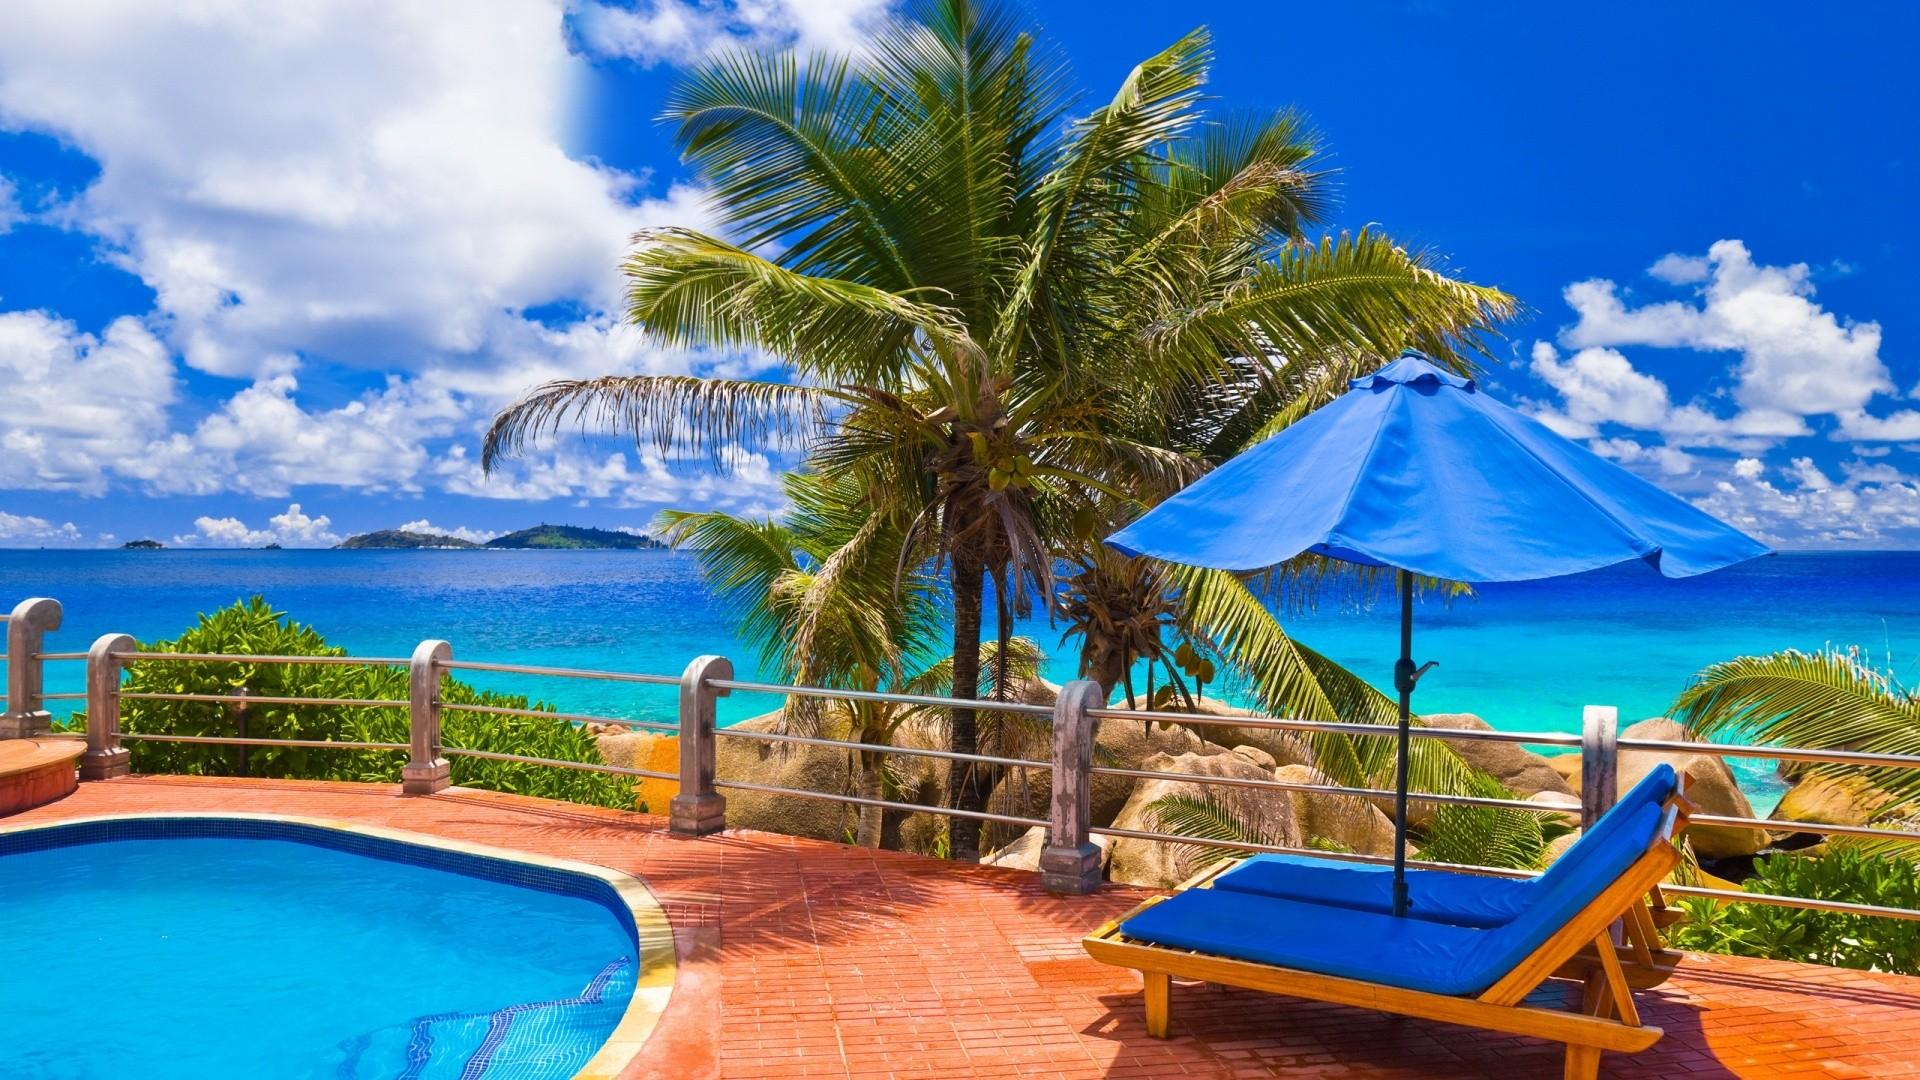 Beach Resort Background Images 10387 Wallpaper Wallpaper hd 1920x1080